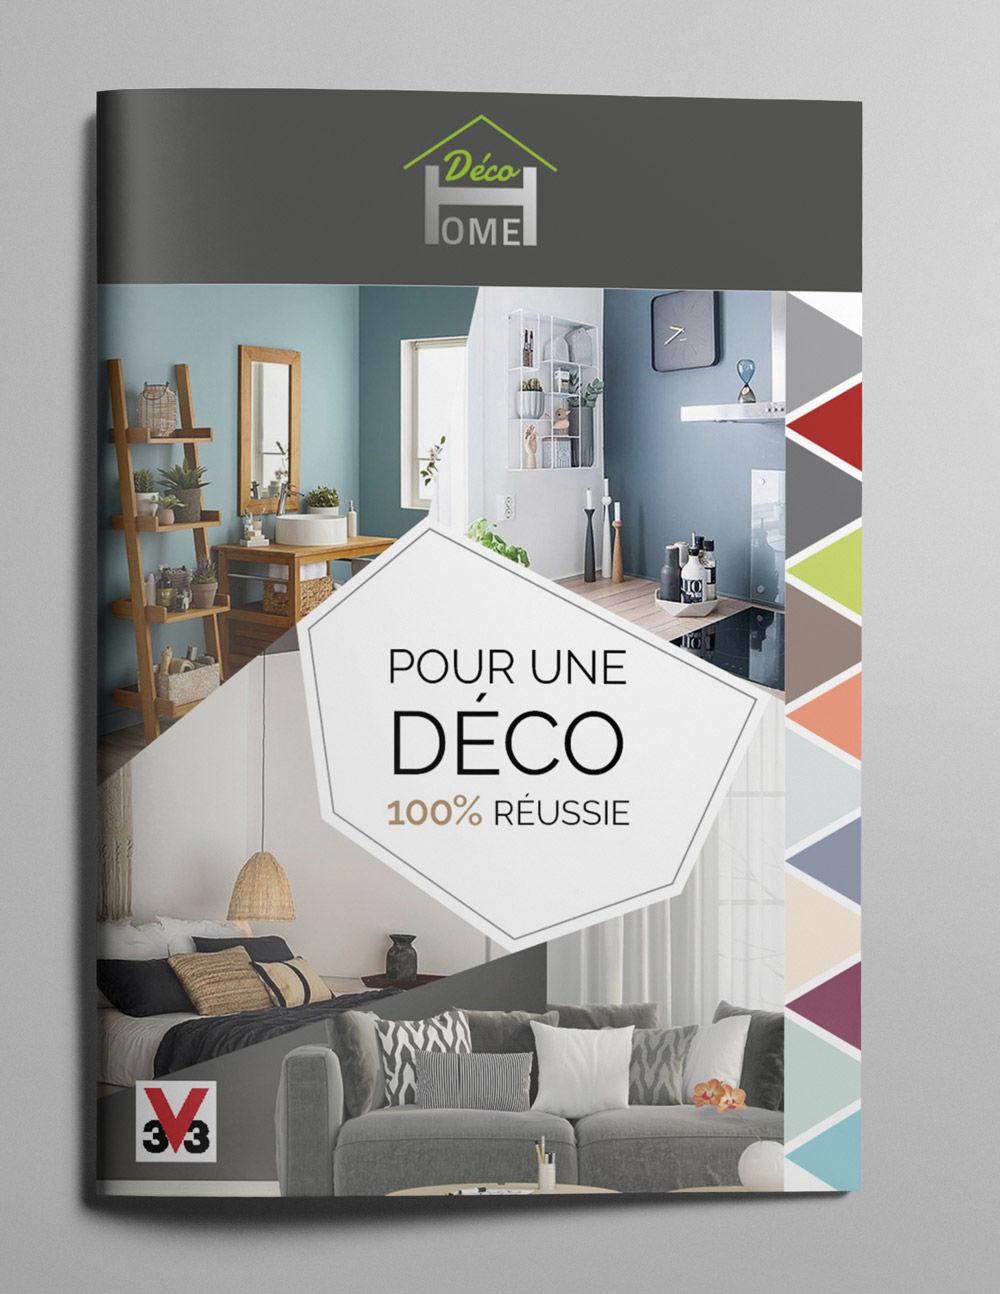 Projet de formation - Brochure DecoHome